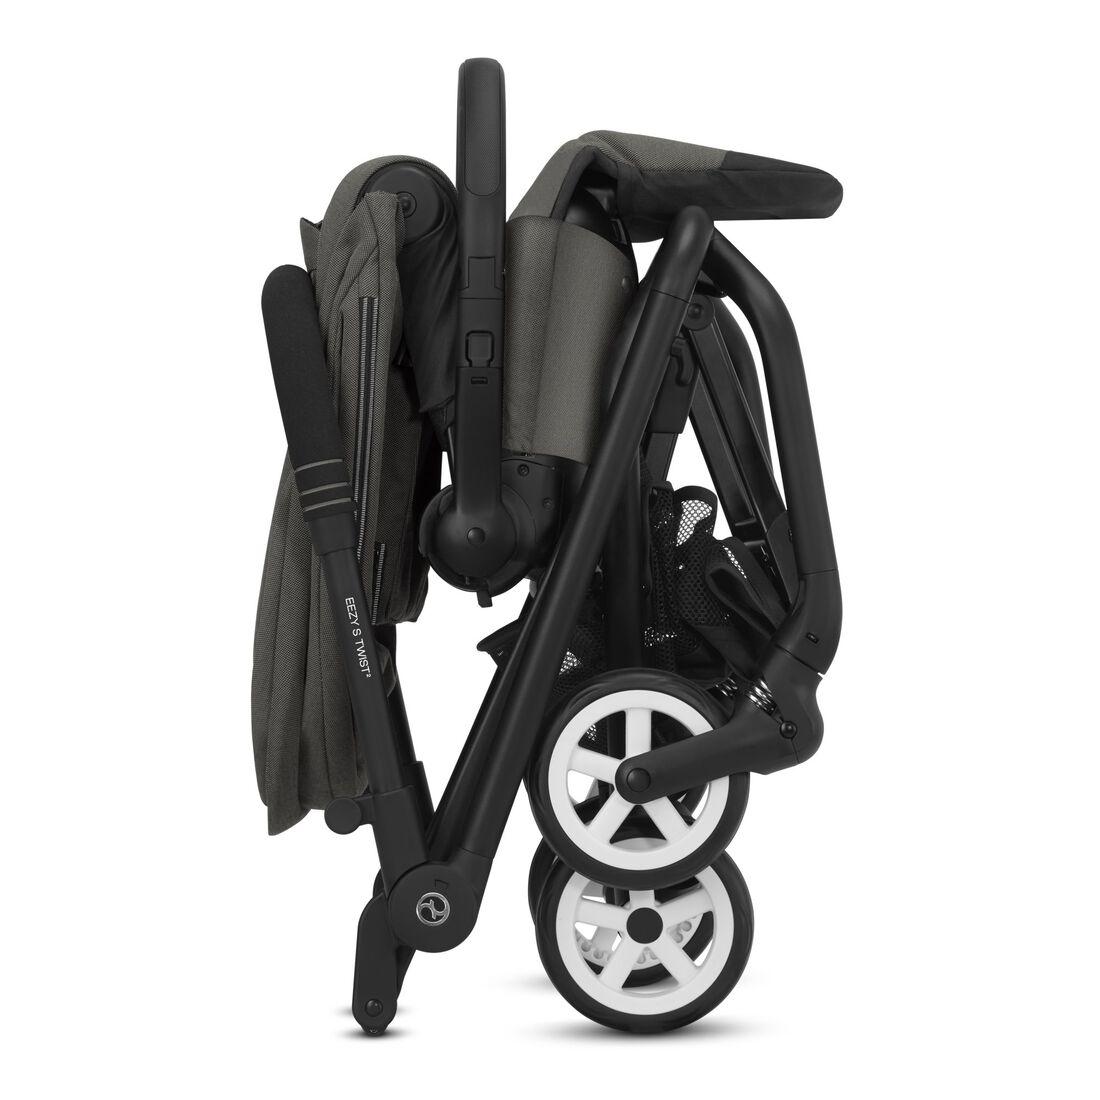 CYBEX Eezy S Twist 2 - Soho Grey (Schwarzer Rahmen) in Soho Grey (Black Frame) large Bild 4